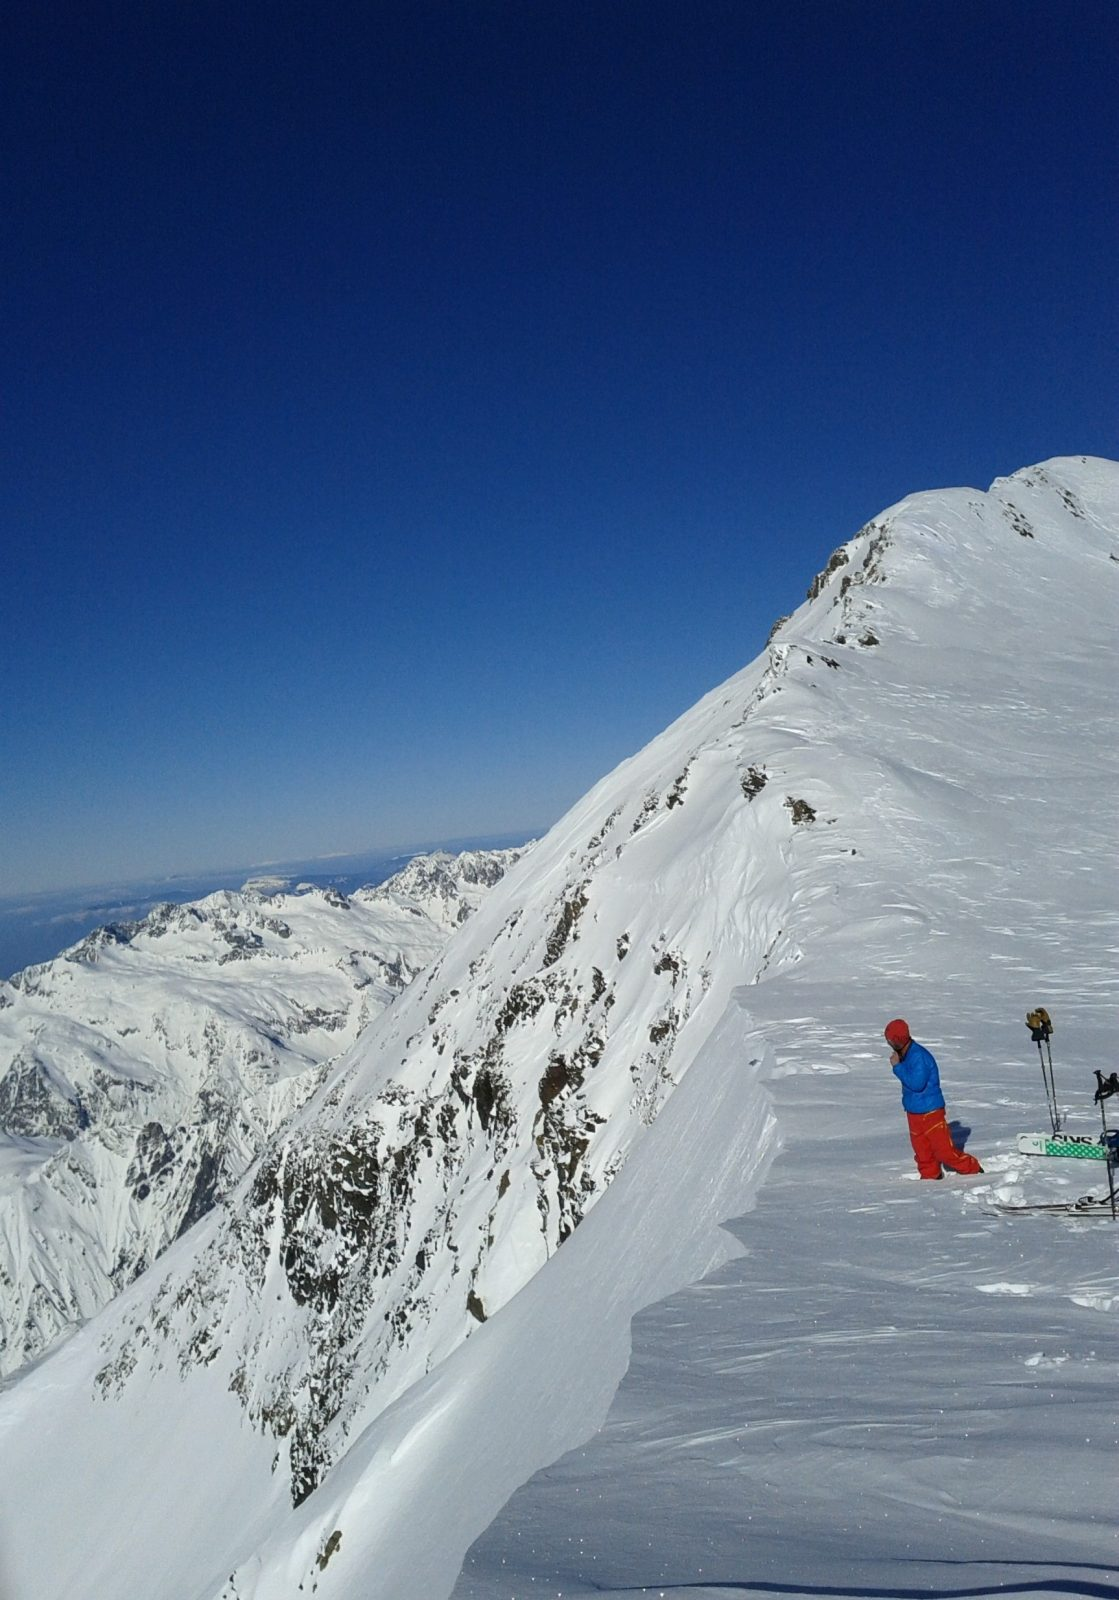 Bureau des guides de l alpe d huez alpe d 39 huez oisans tourisme - Alpe d huez office de tourisme ...